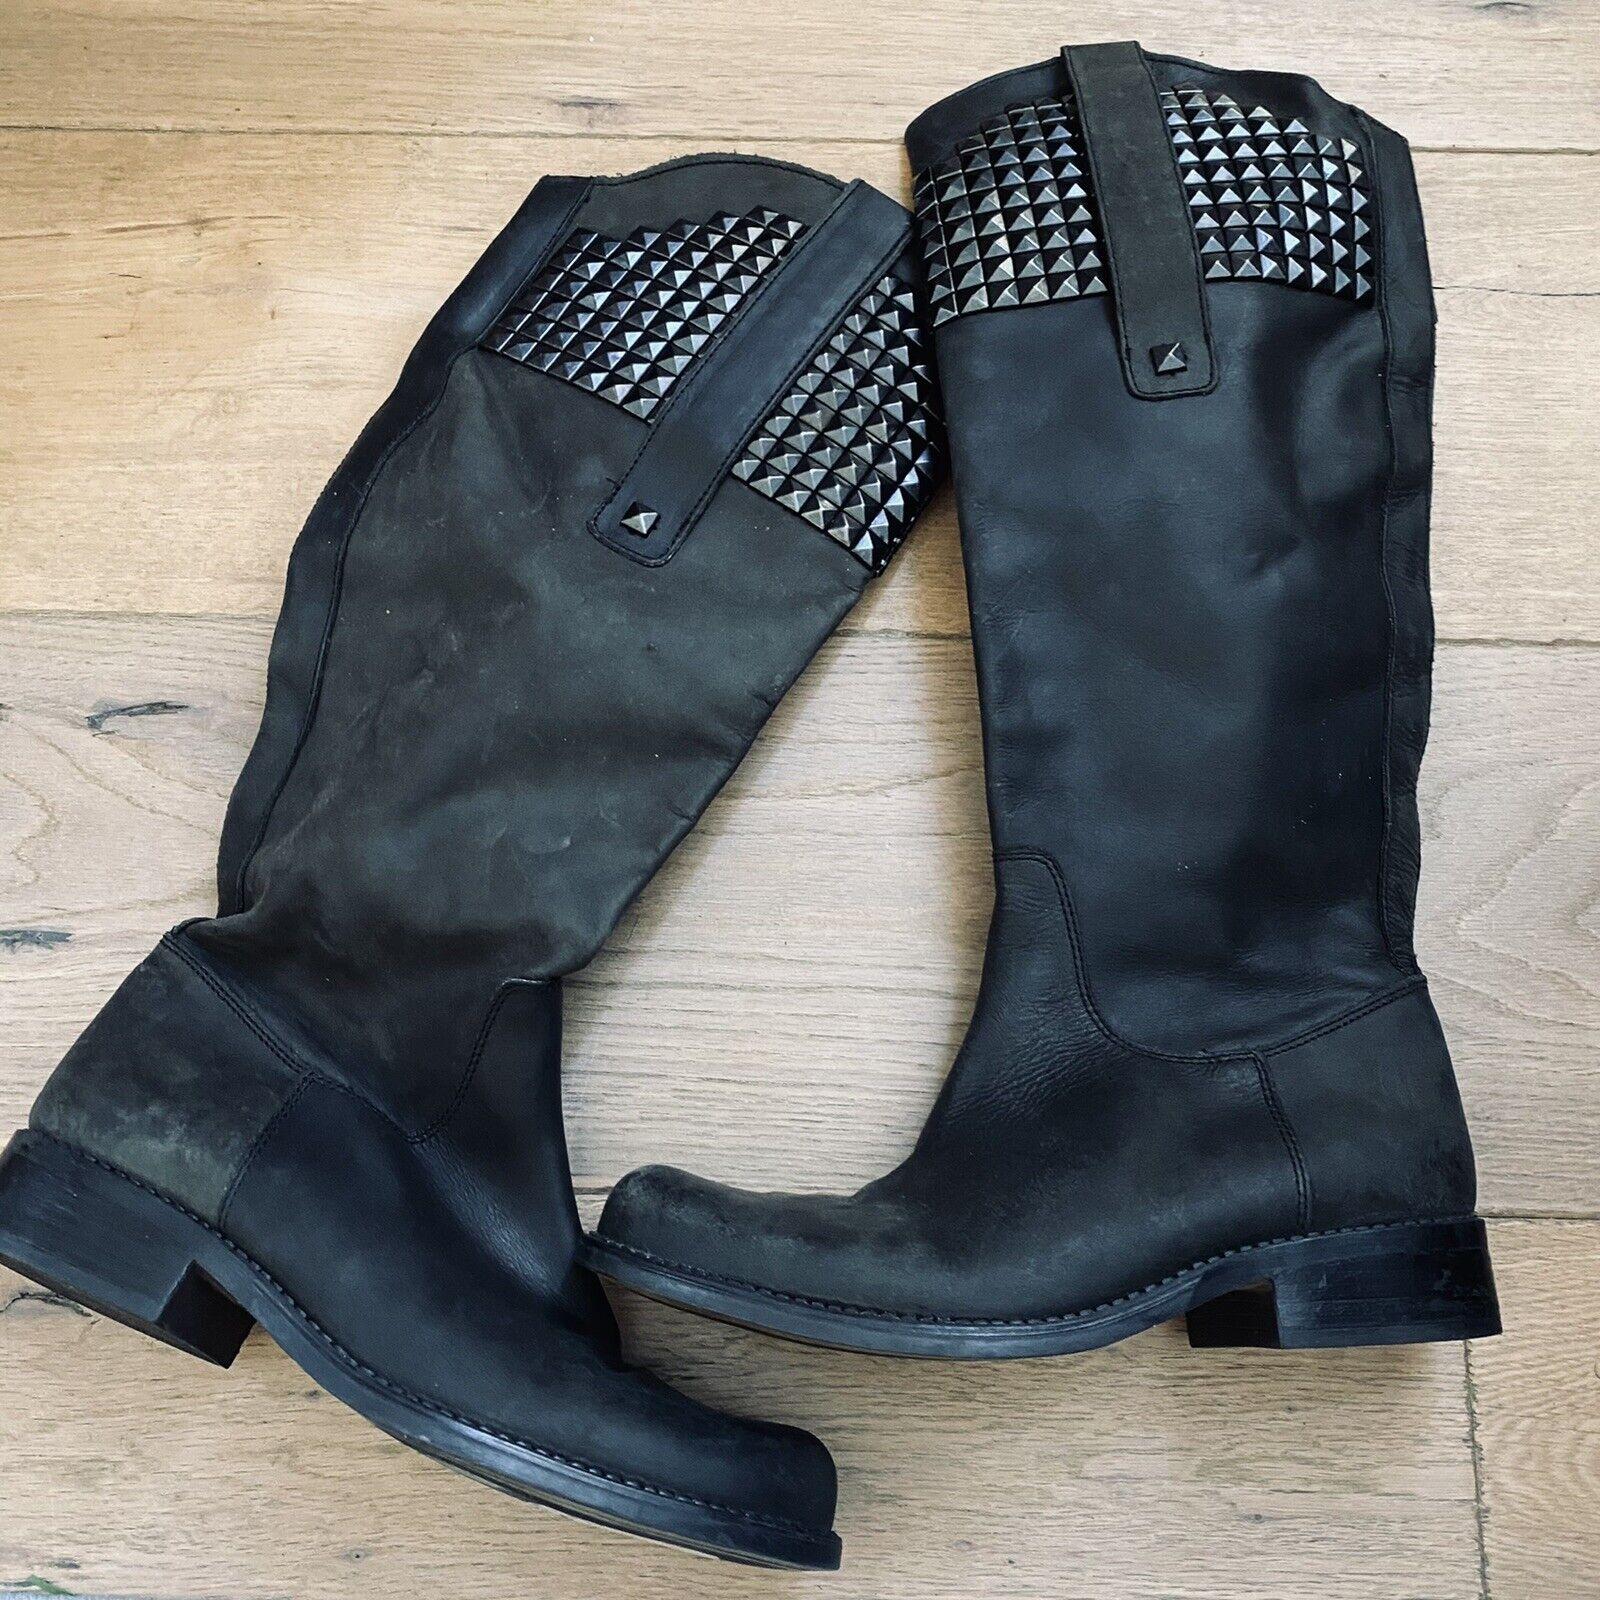 STEVE MADDEN reggime black leather stud tall Over Knee boot Womens 8